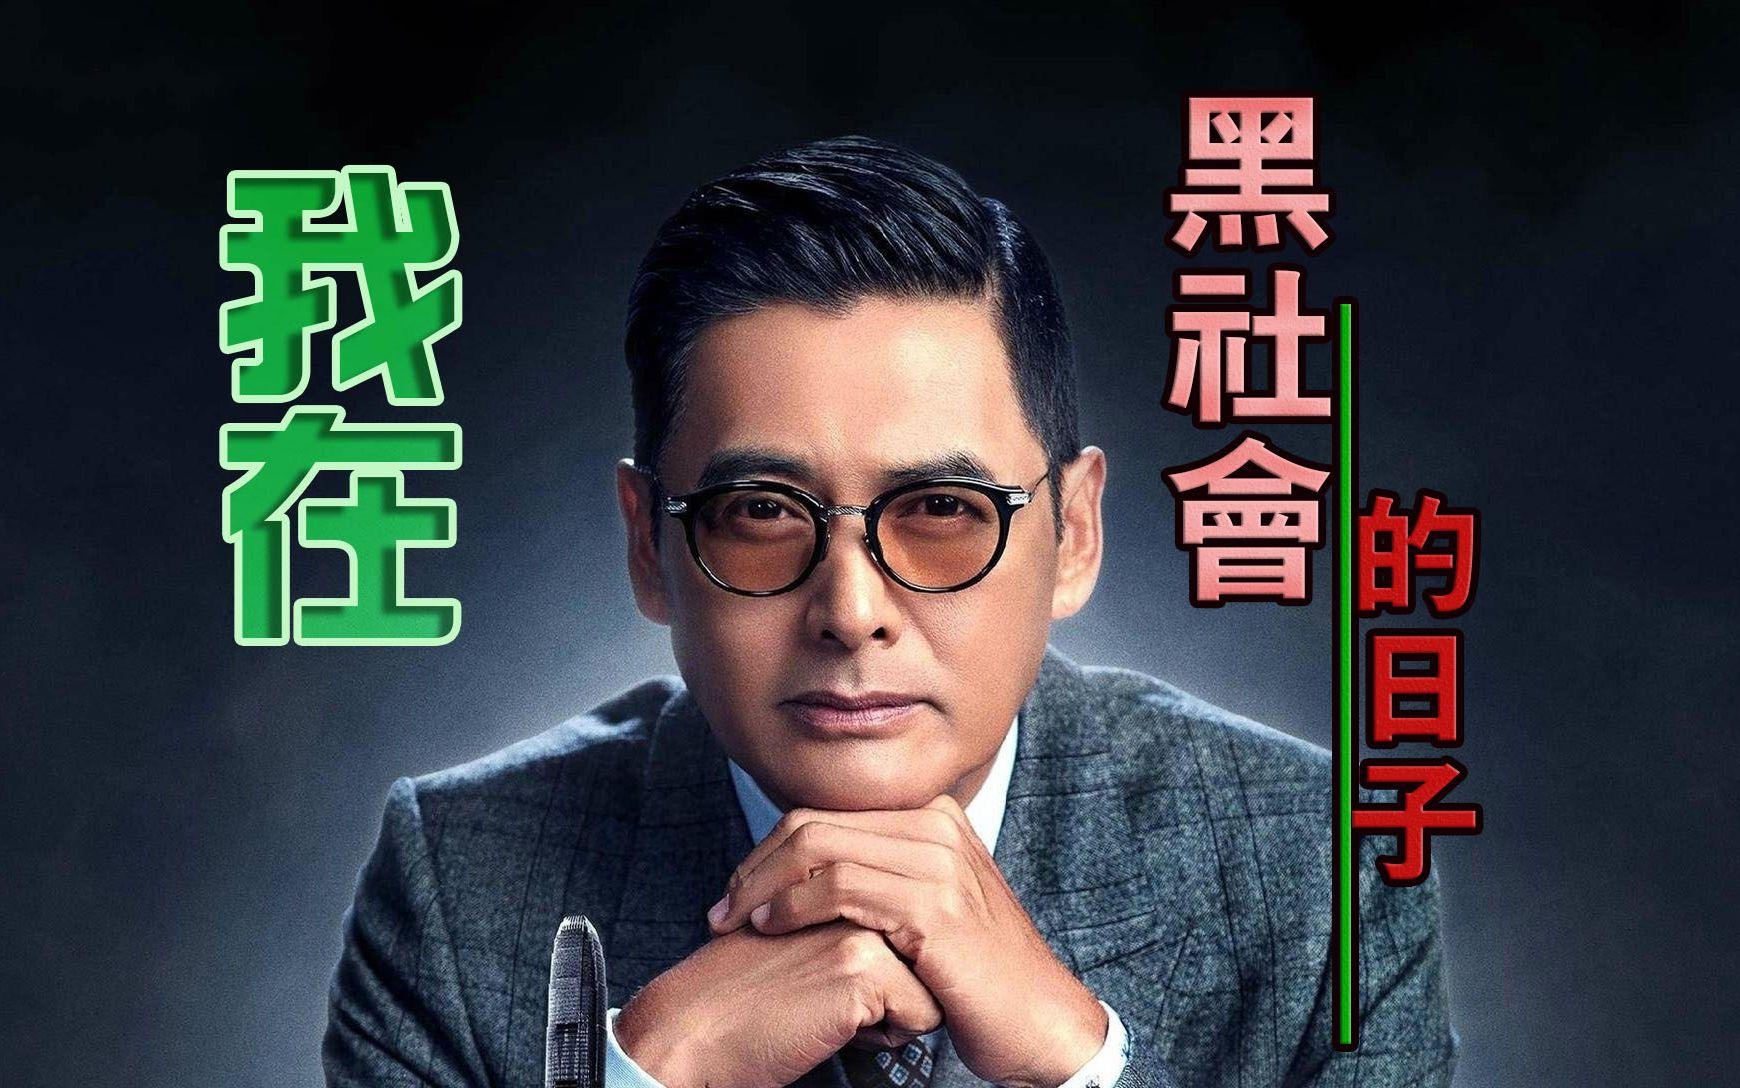 曾经打破香港三级片票房记录的电影:我在黑社会的日子!!!周润发最窝囊的一个角色 整片被虐 张耀扬最正派的一个角色 整片暴走